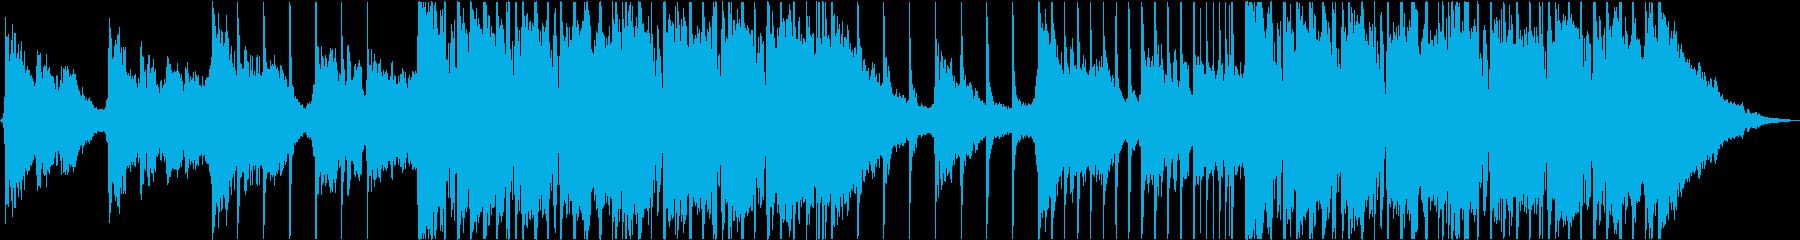 巨大なハードアメリカンロックの再生済みの波形